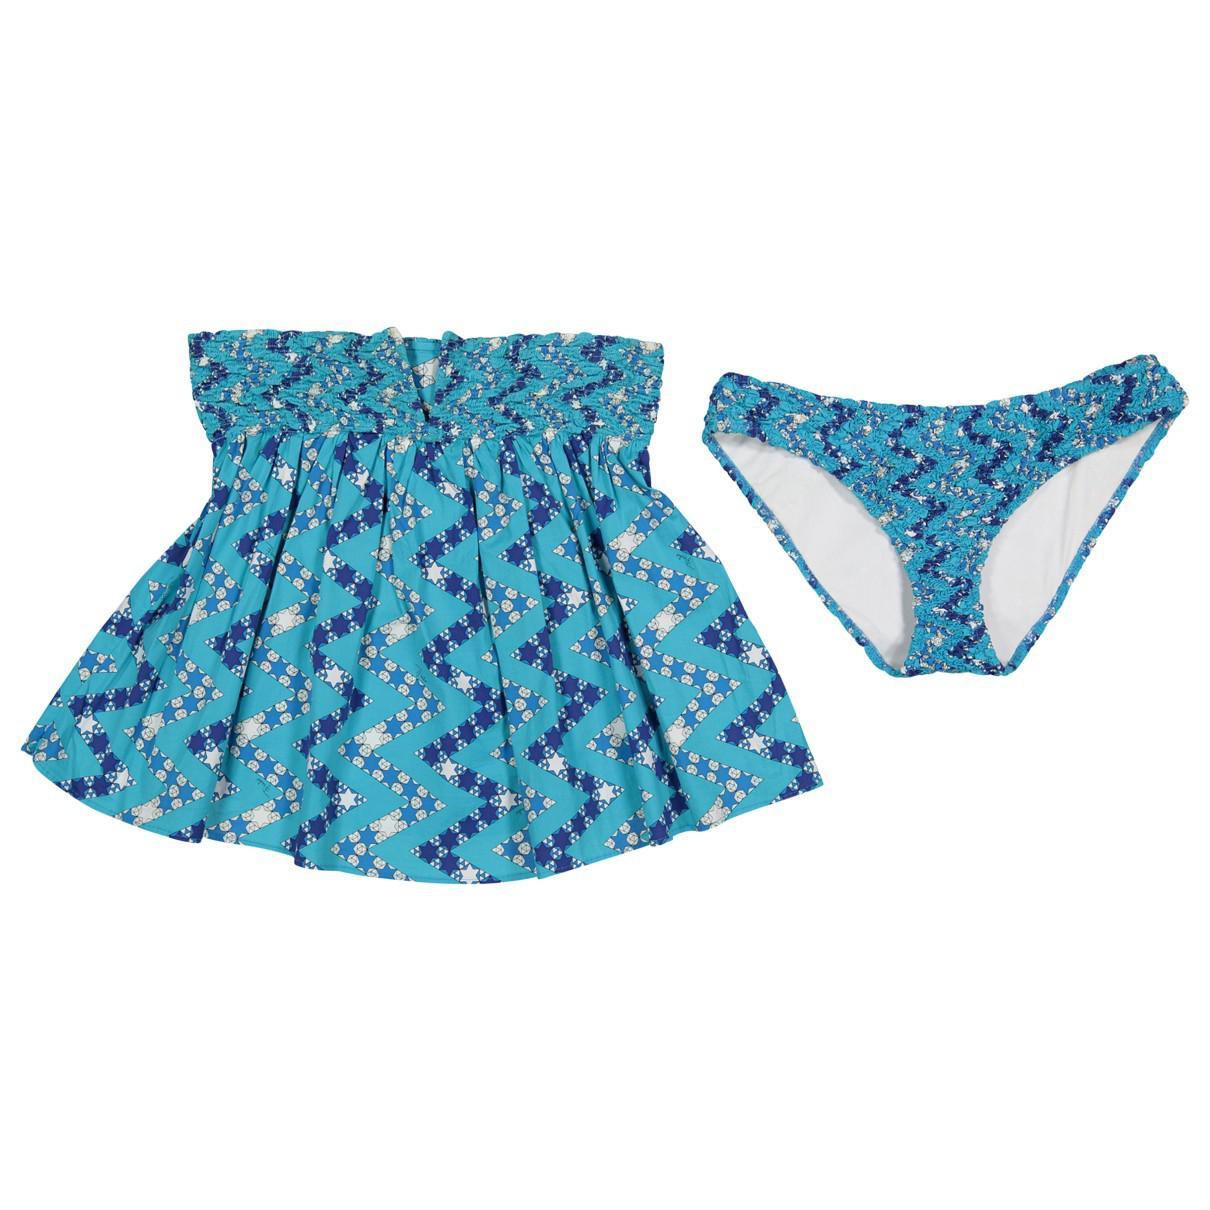 a3c14700ea Emilio Pucci. Women's Blue Cotton Swimwear. $276 $249 From Vestiaire  Collective